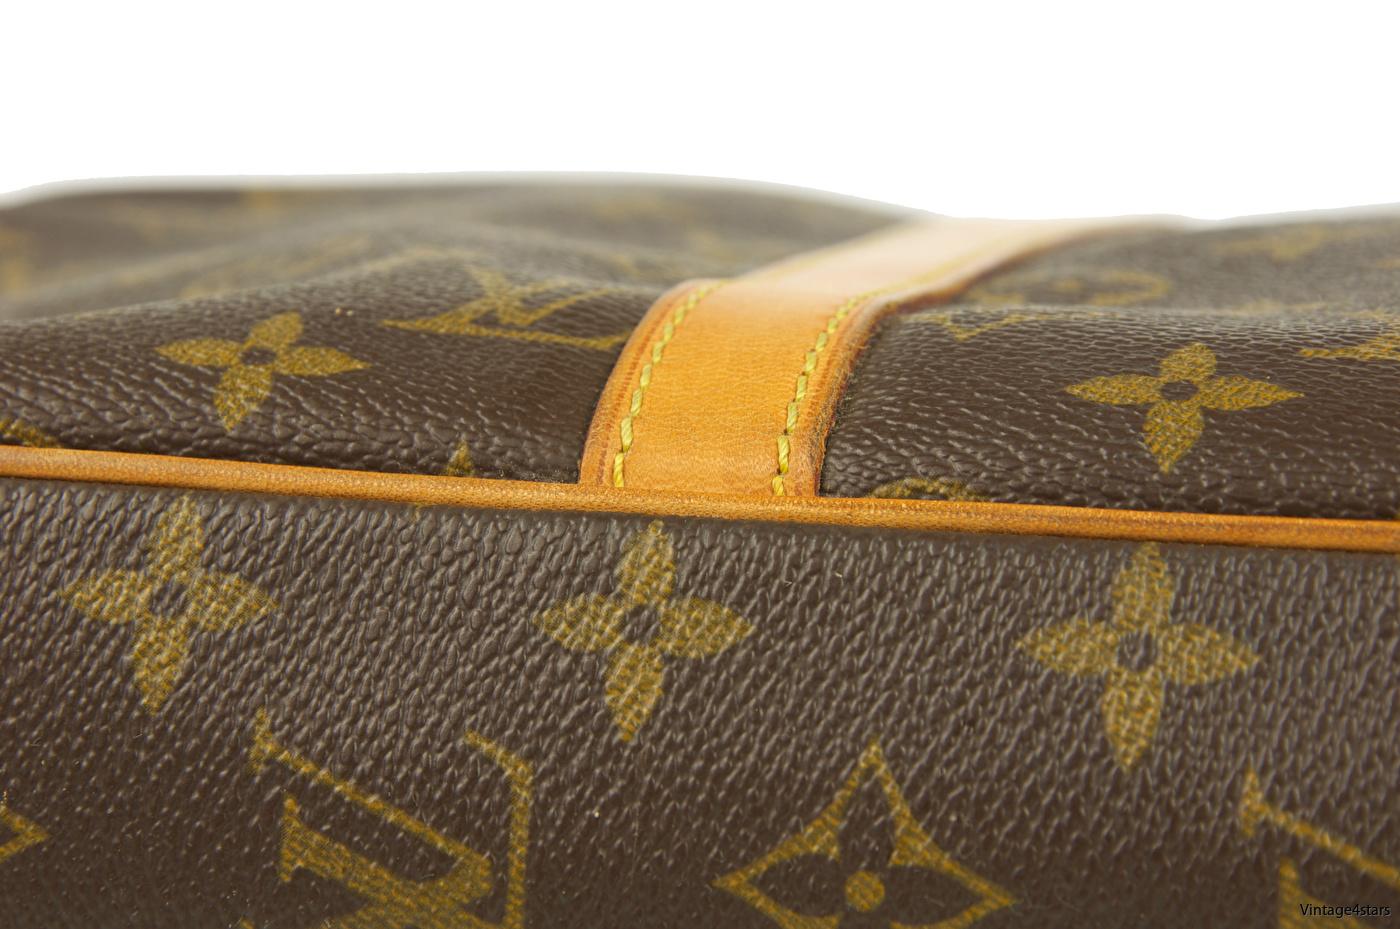 Louis Vuitton Porte-Documents 12